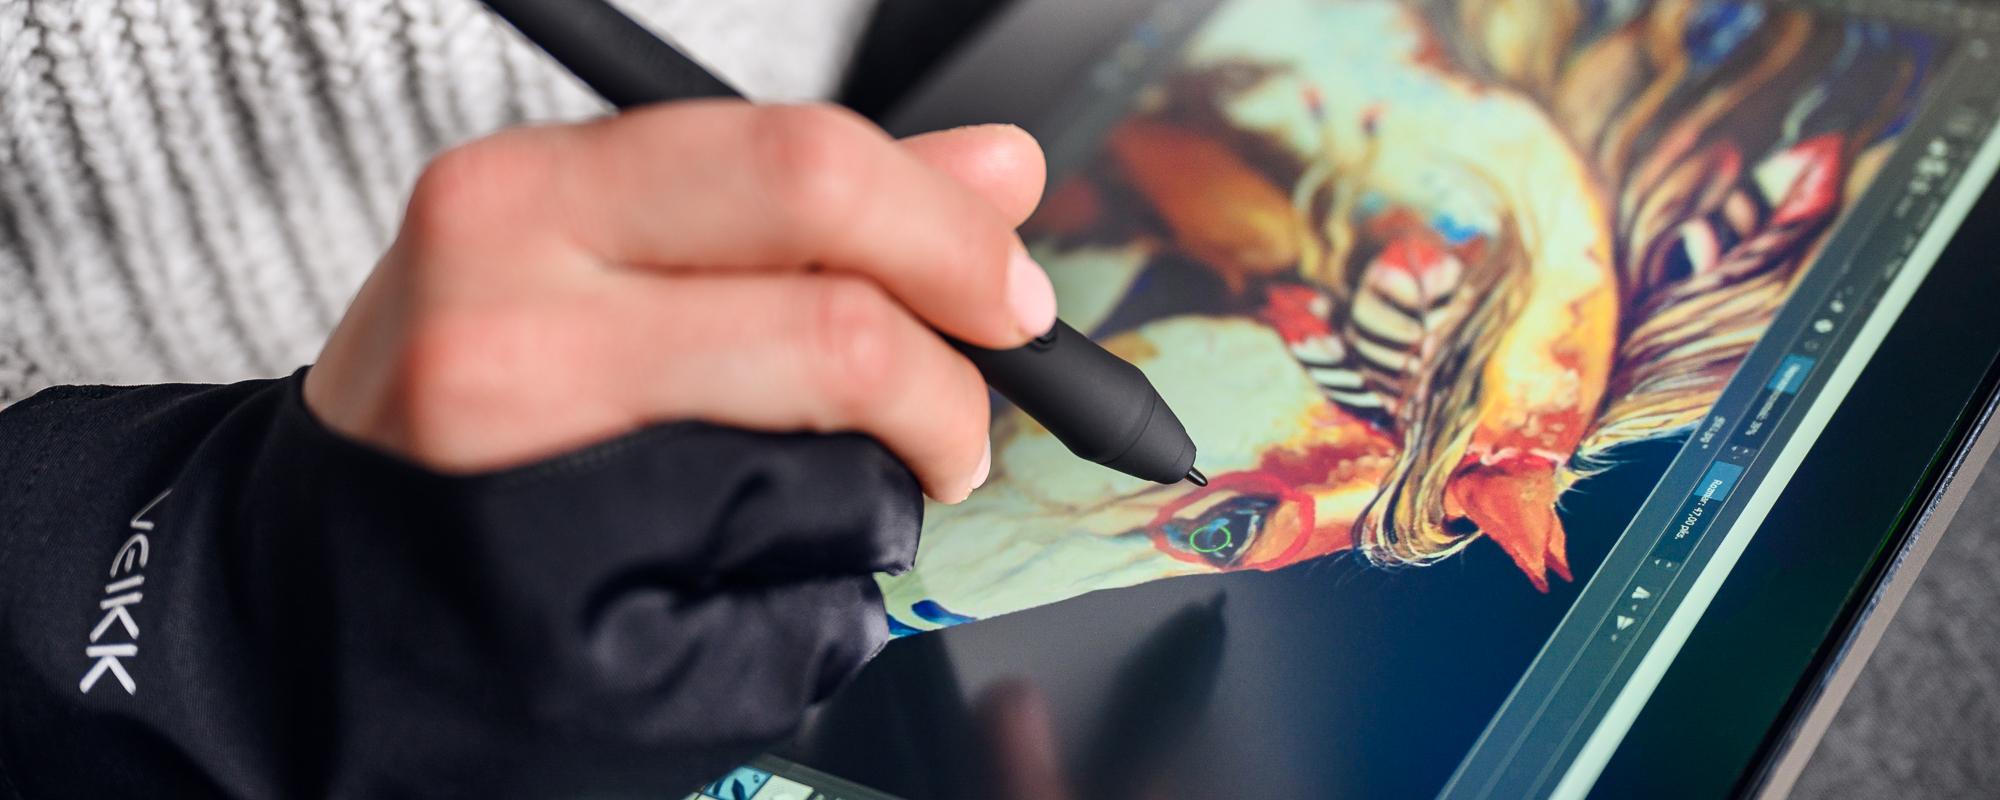 Zdjęcie - zbliżenie na dłoń w rękawiczce i piórko oraz tablet graficzny z ekranem LCD Veikk VK1200